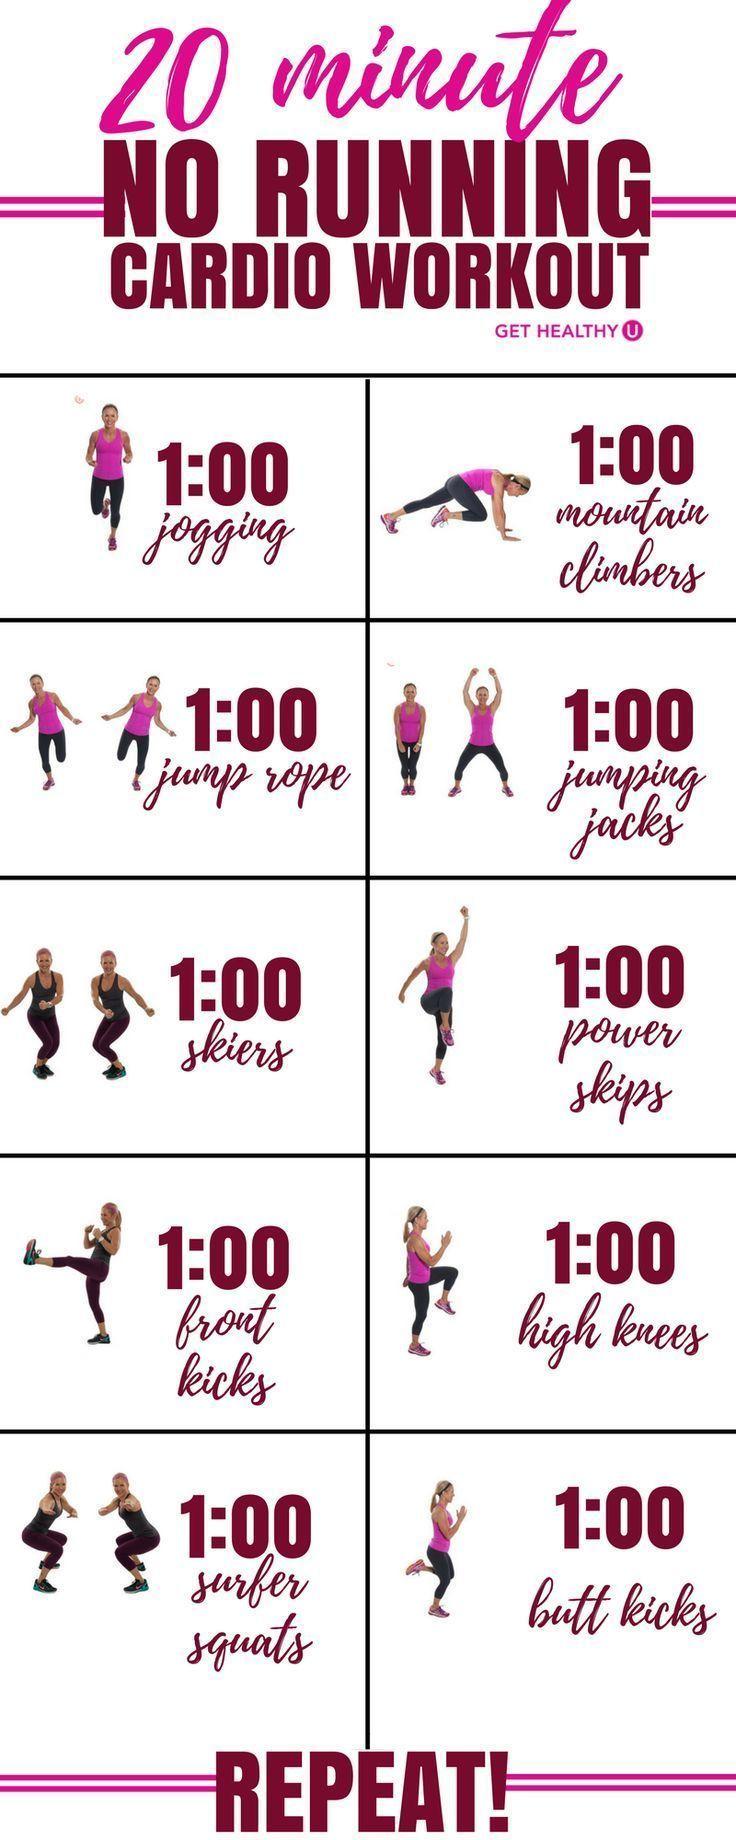 Schauen Sie sich dieses 20-minütige hochintensive Cardio-Training mit hoher Kalorienintensität an, das Sie in